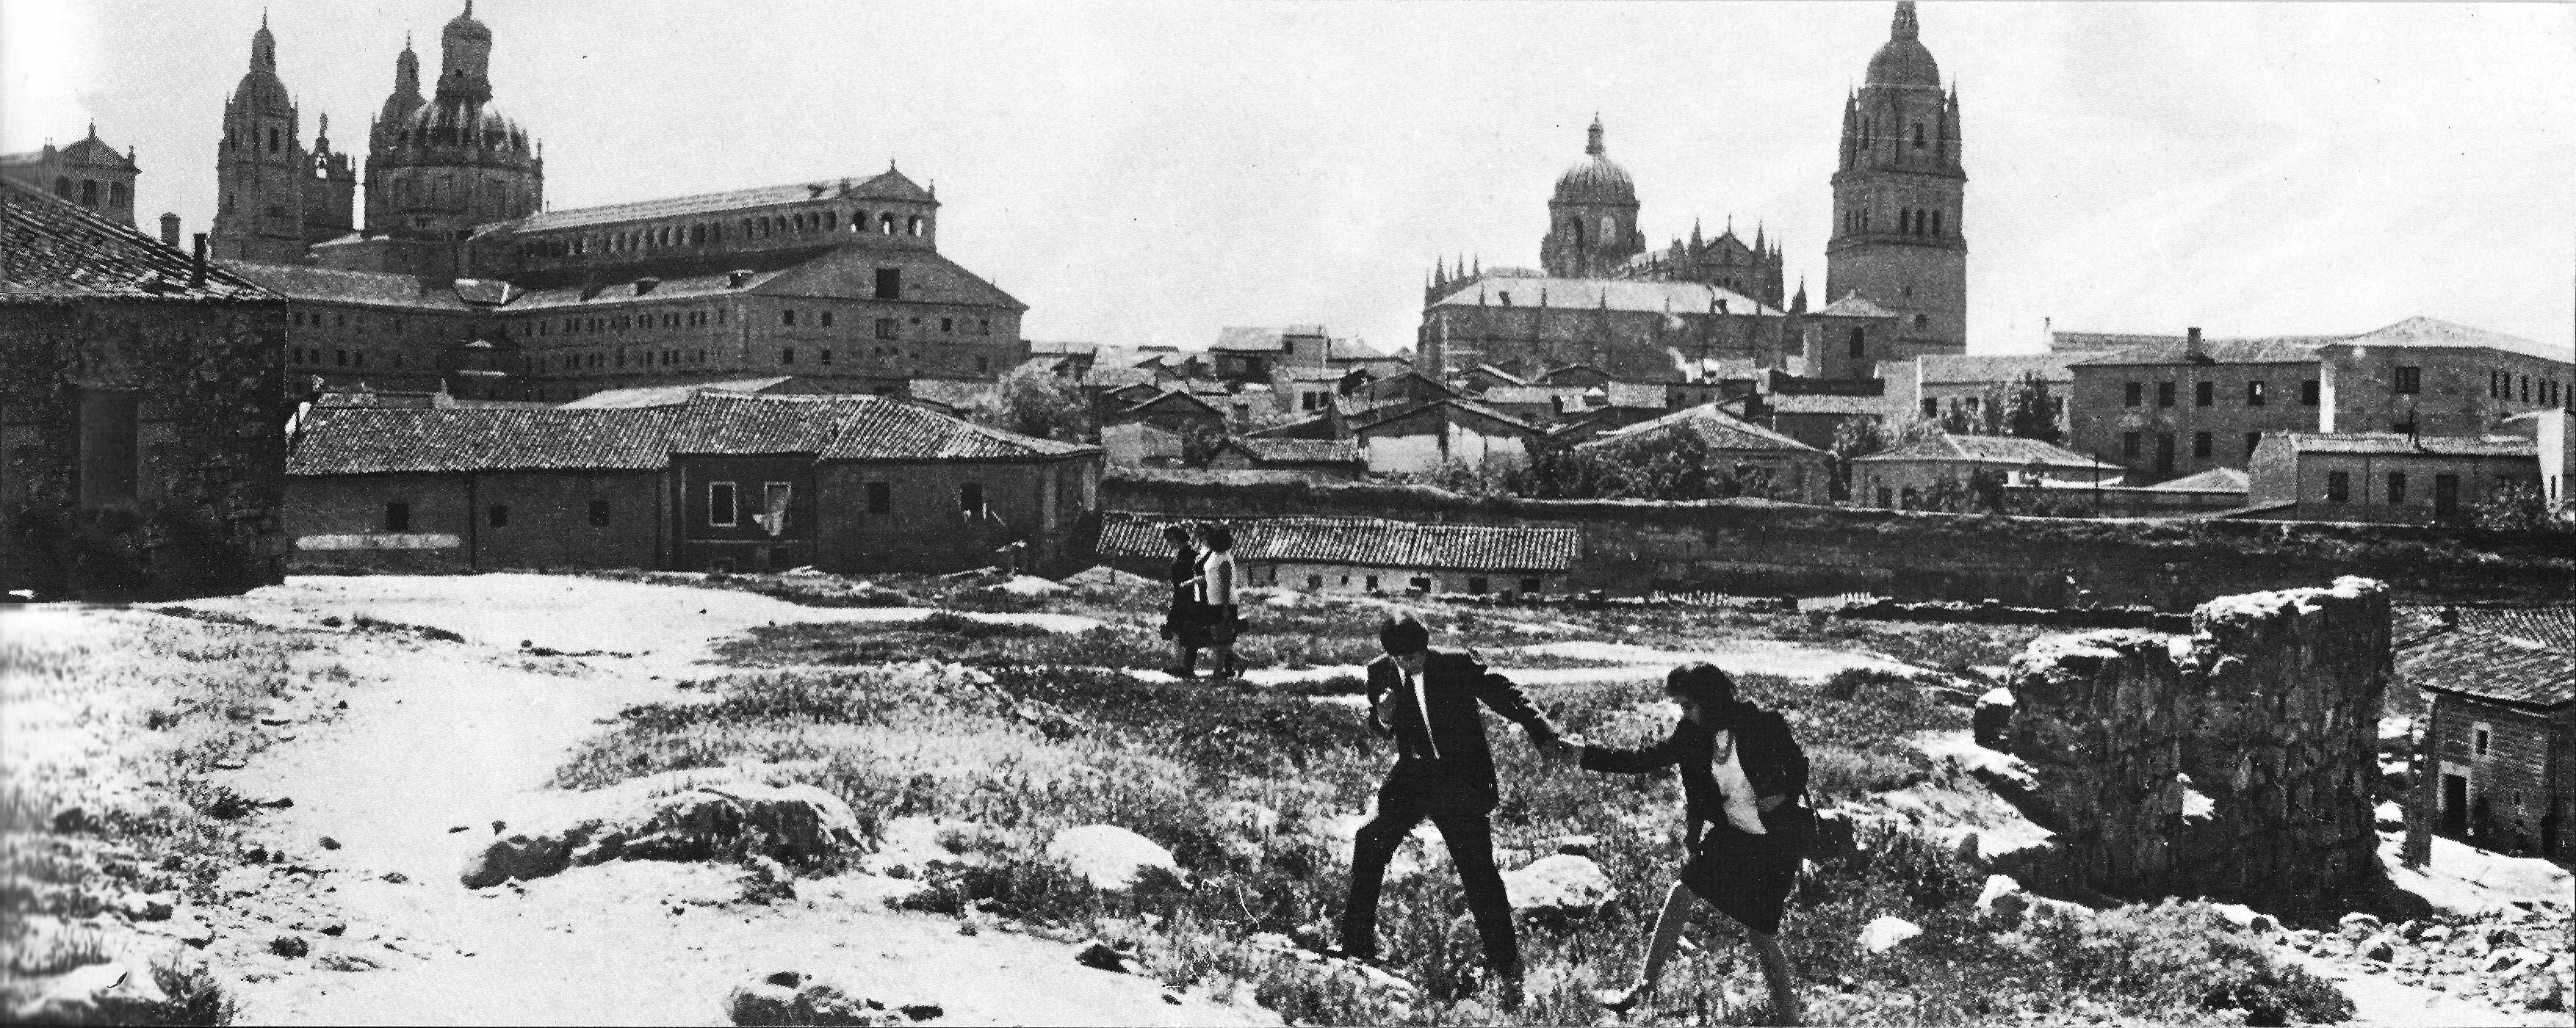 Plano de Nueve Cartas a Berta con Emilio G. Caba y Berta Riaza entre las ruinas del barrio de San Bernardo_